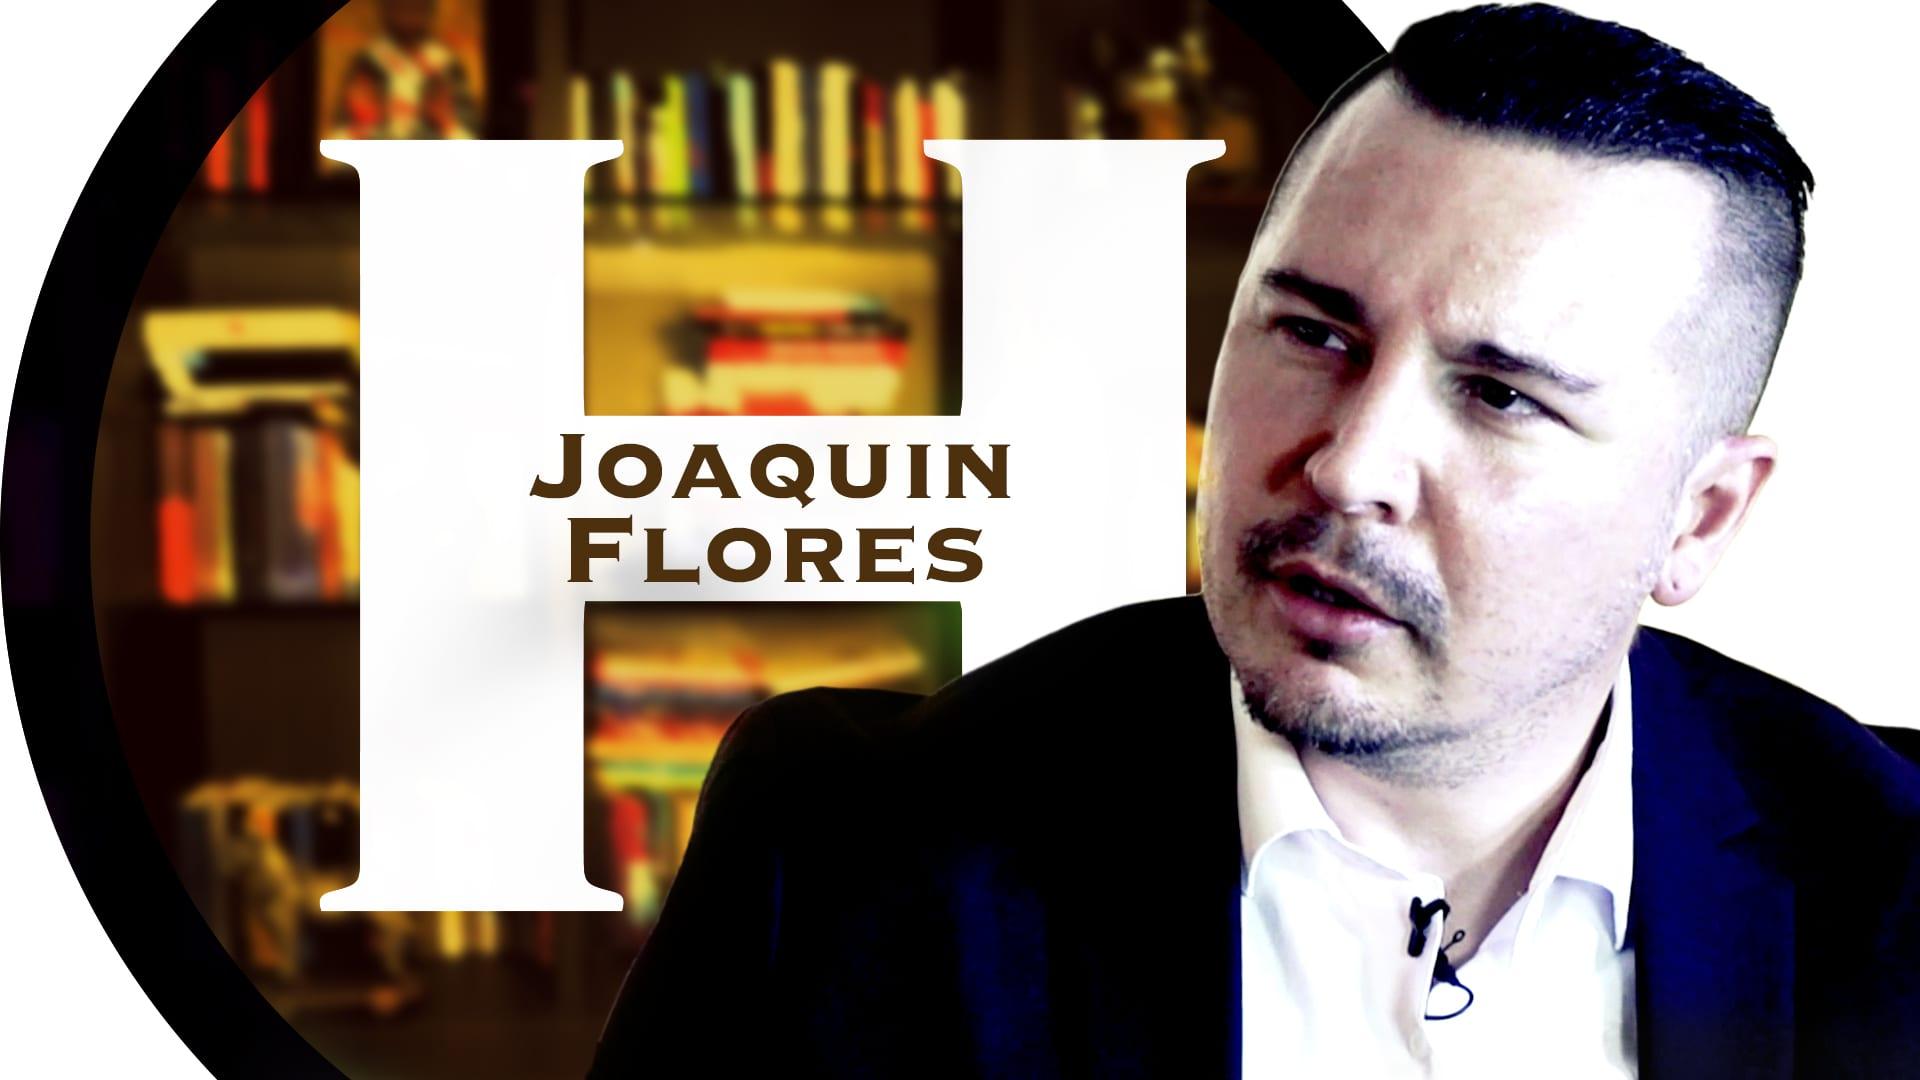 Hans-Erik Husby hadde rett. Joaquin Flores